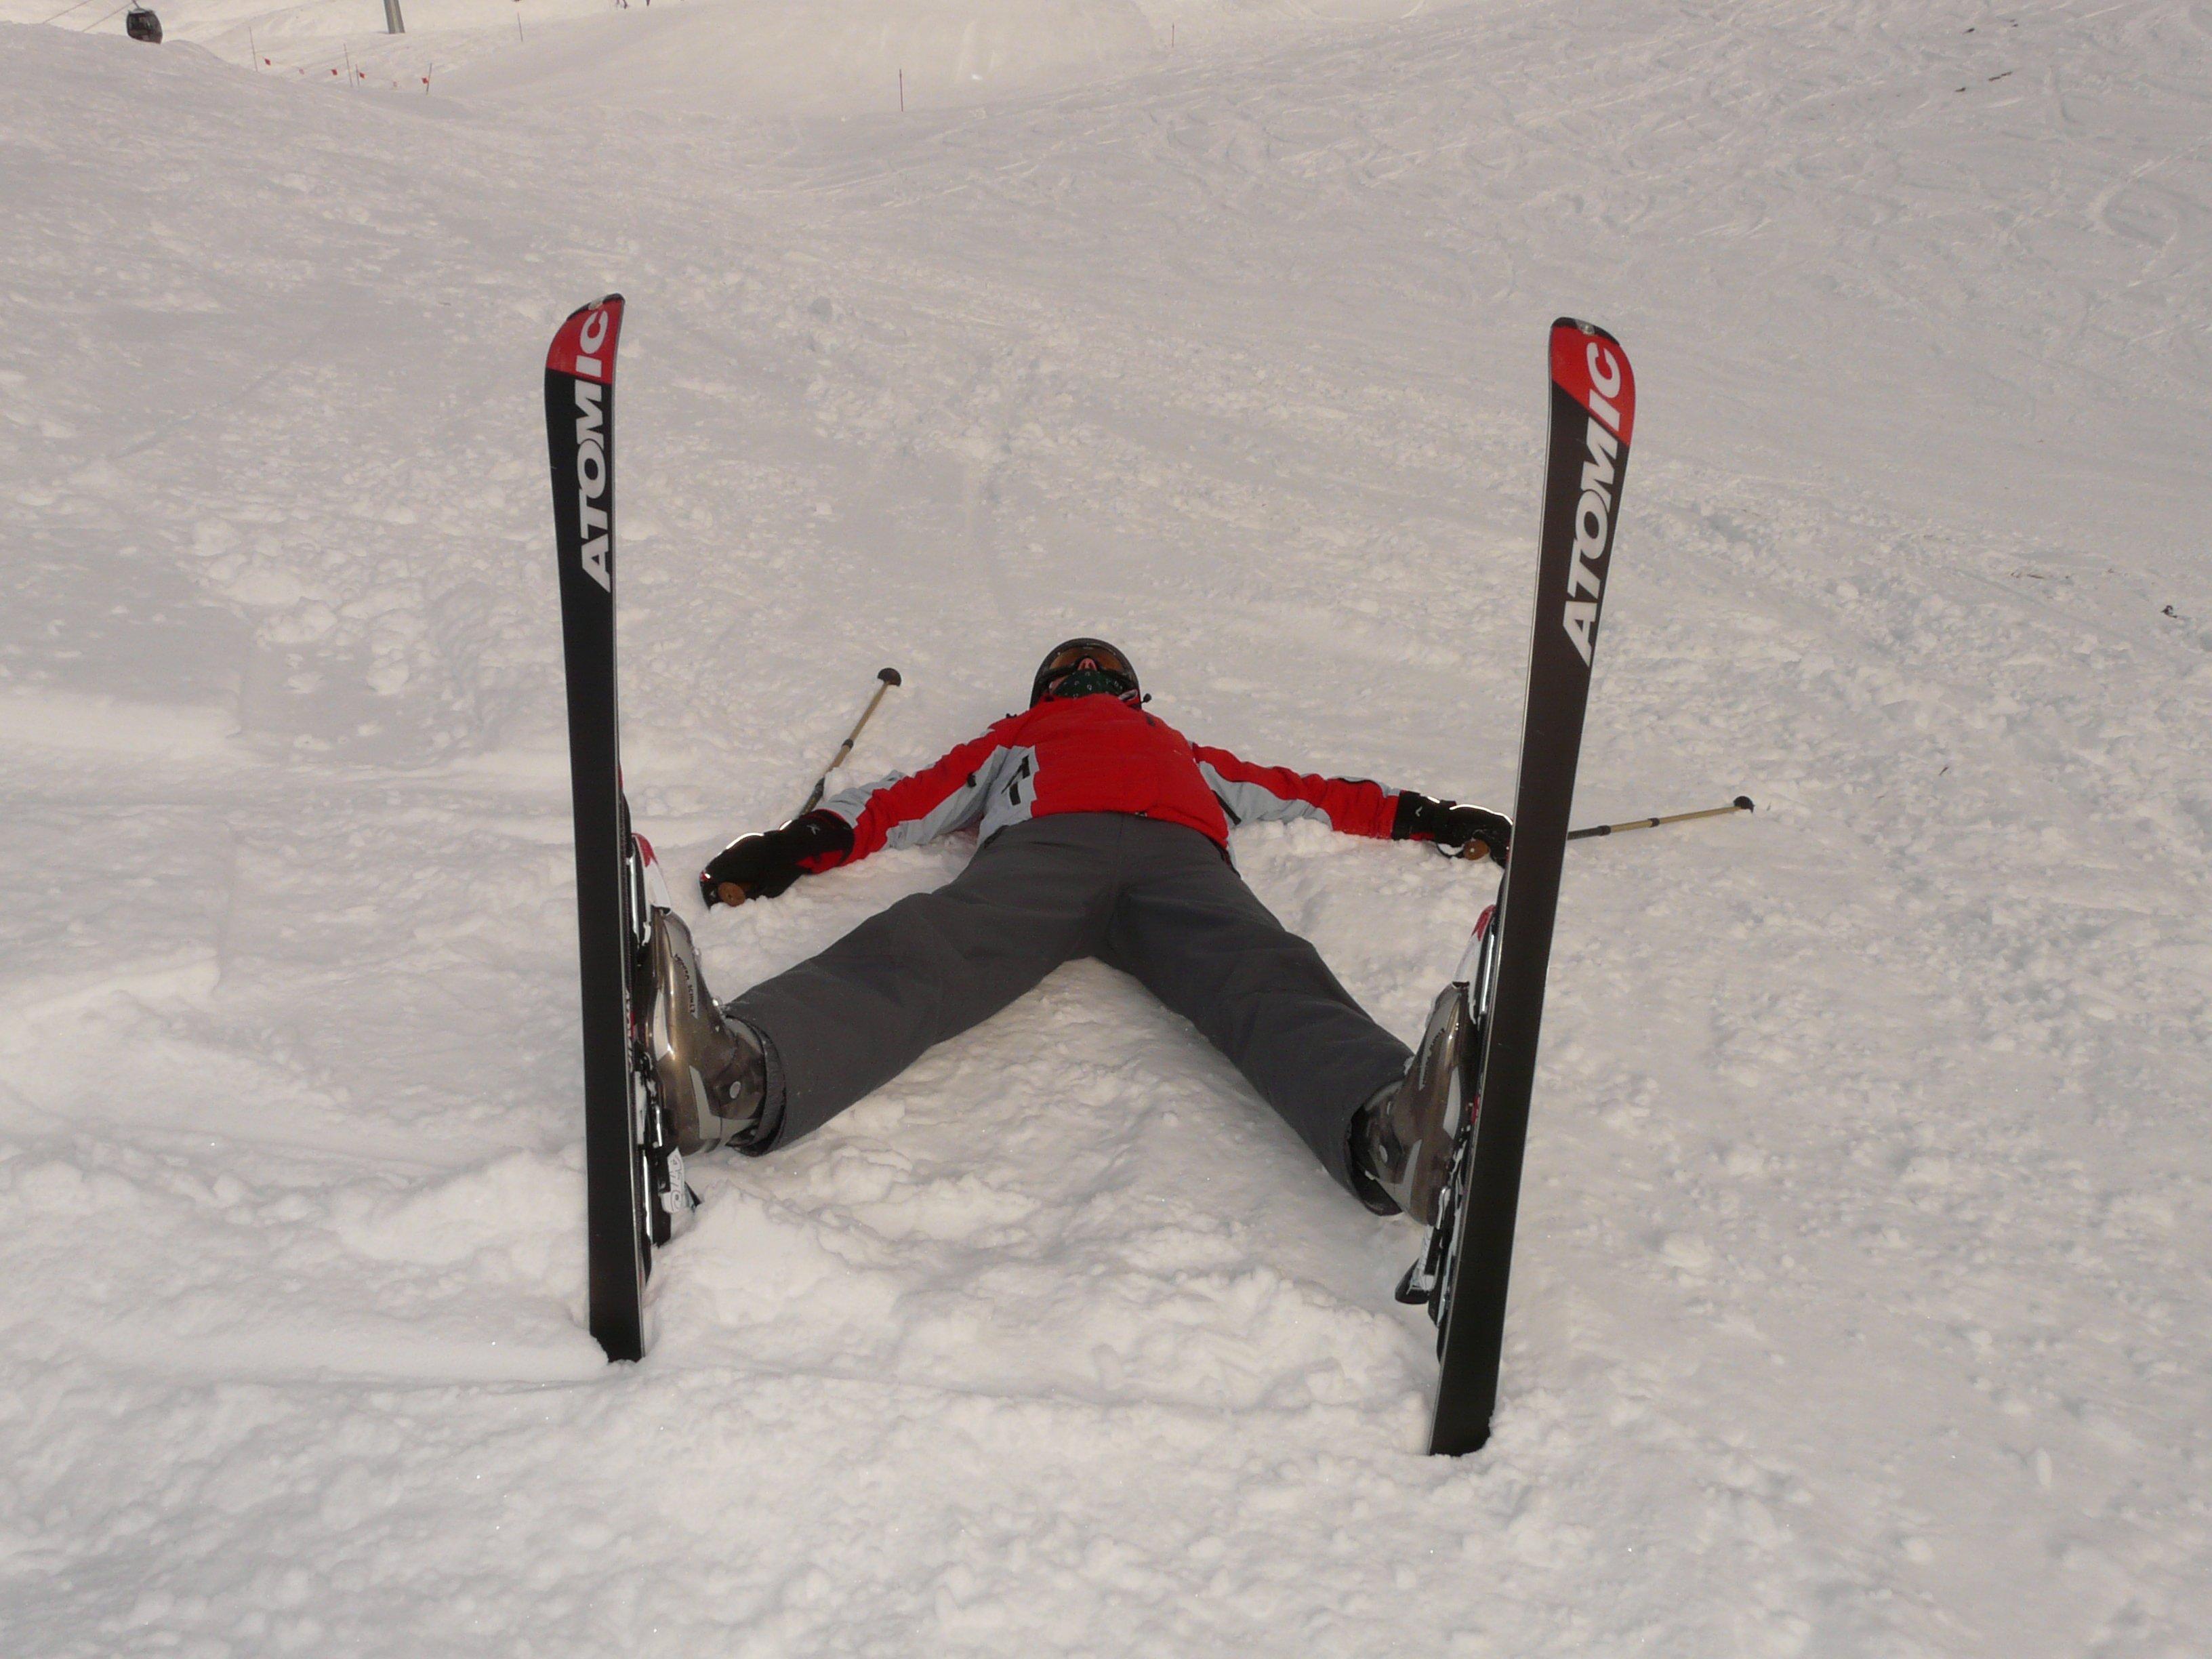 Смешные картинки с лыжами, картинки смешные открытка